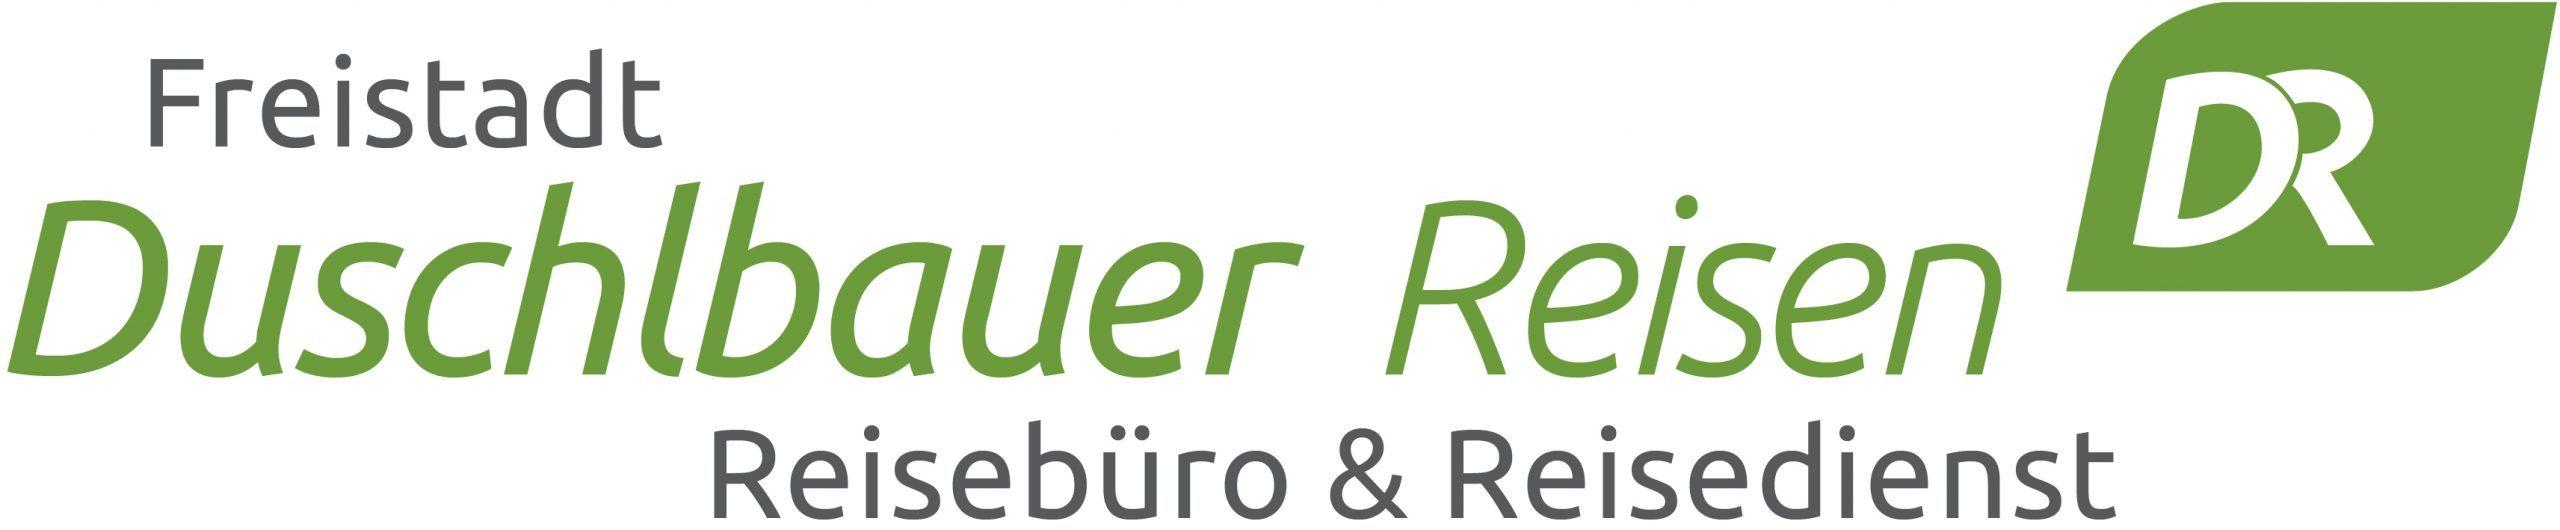 Duschlbauer Reisen Logo